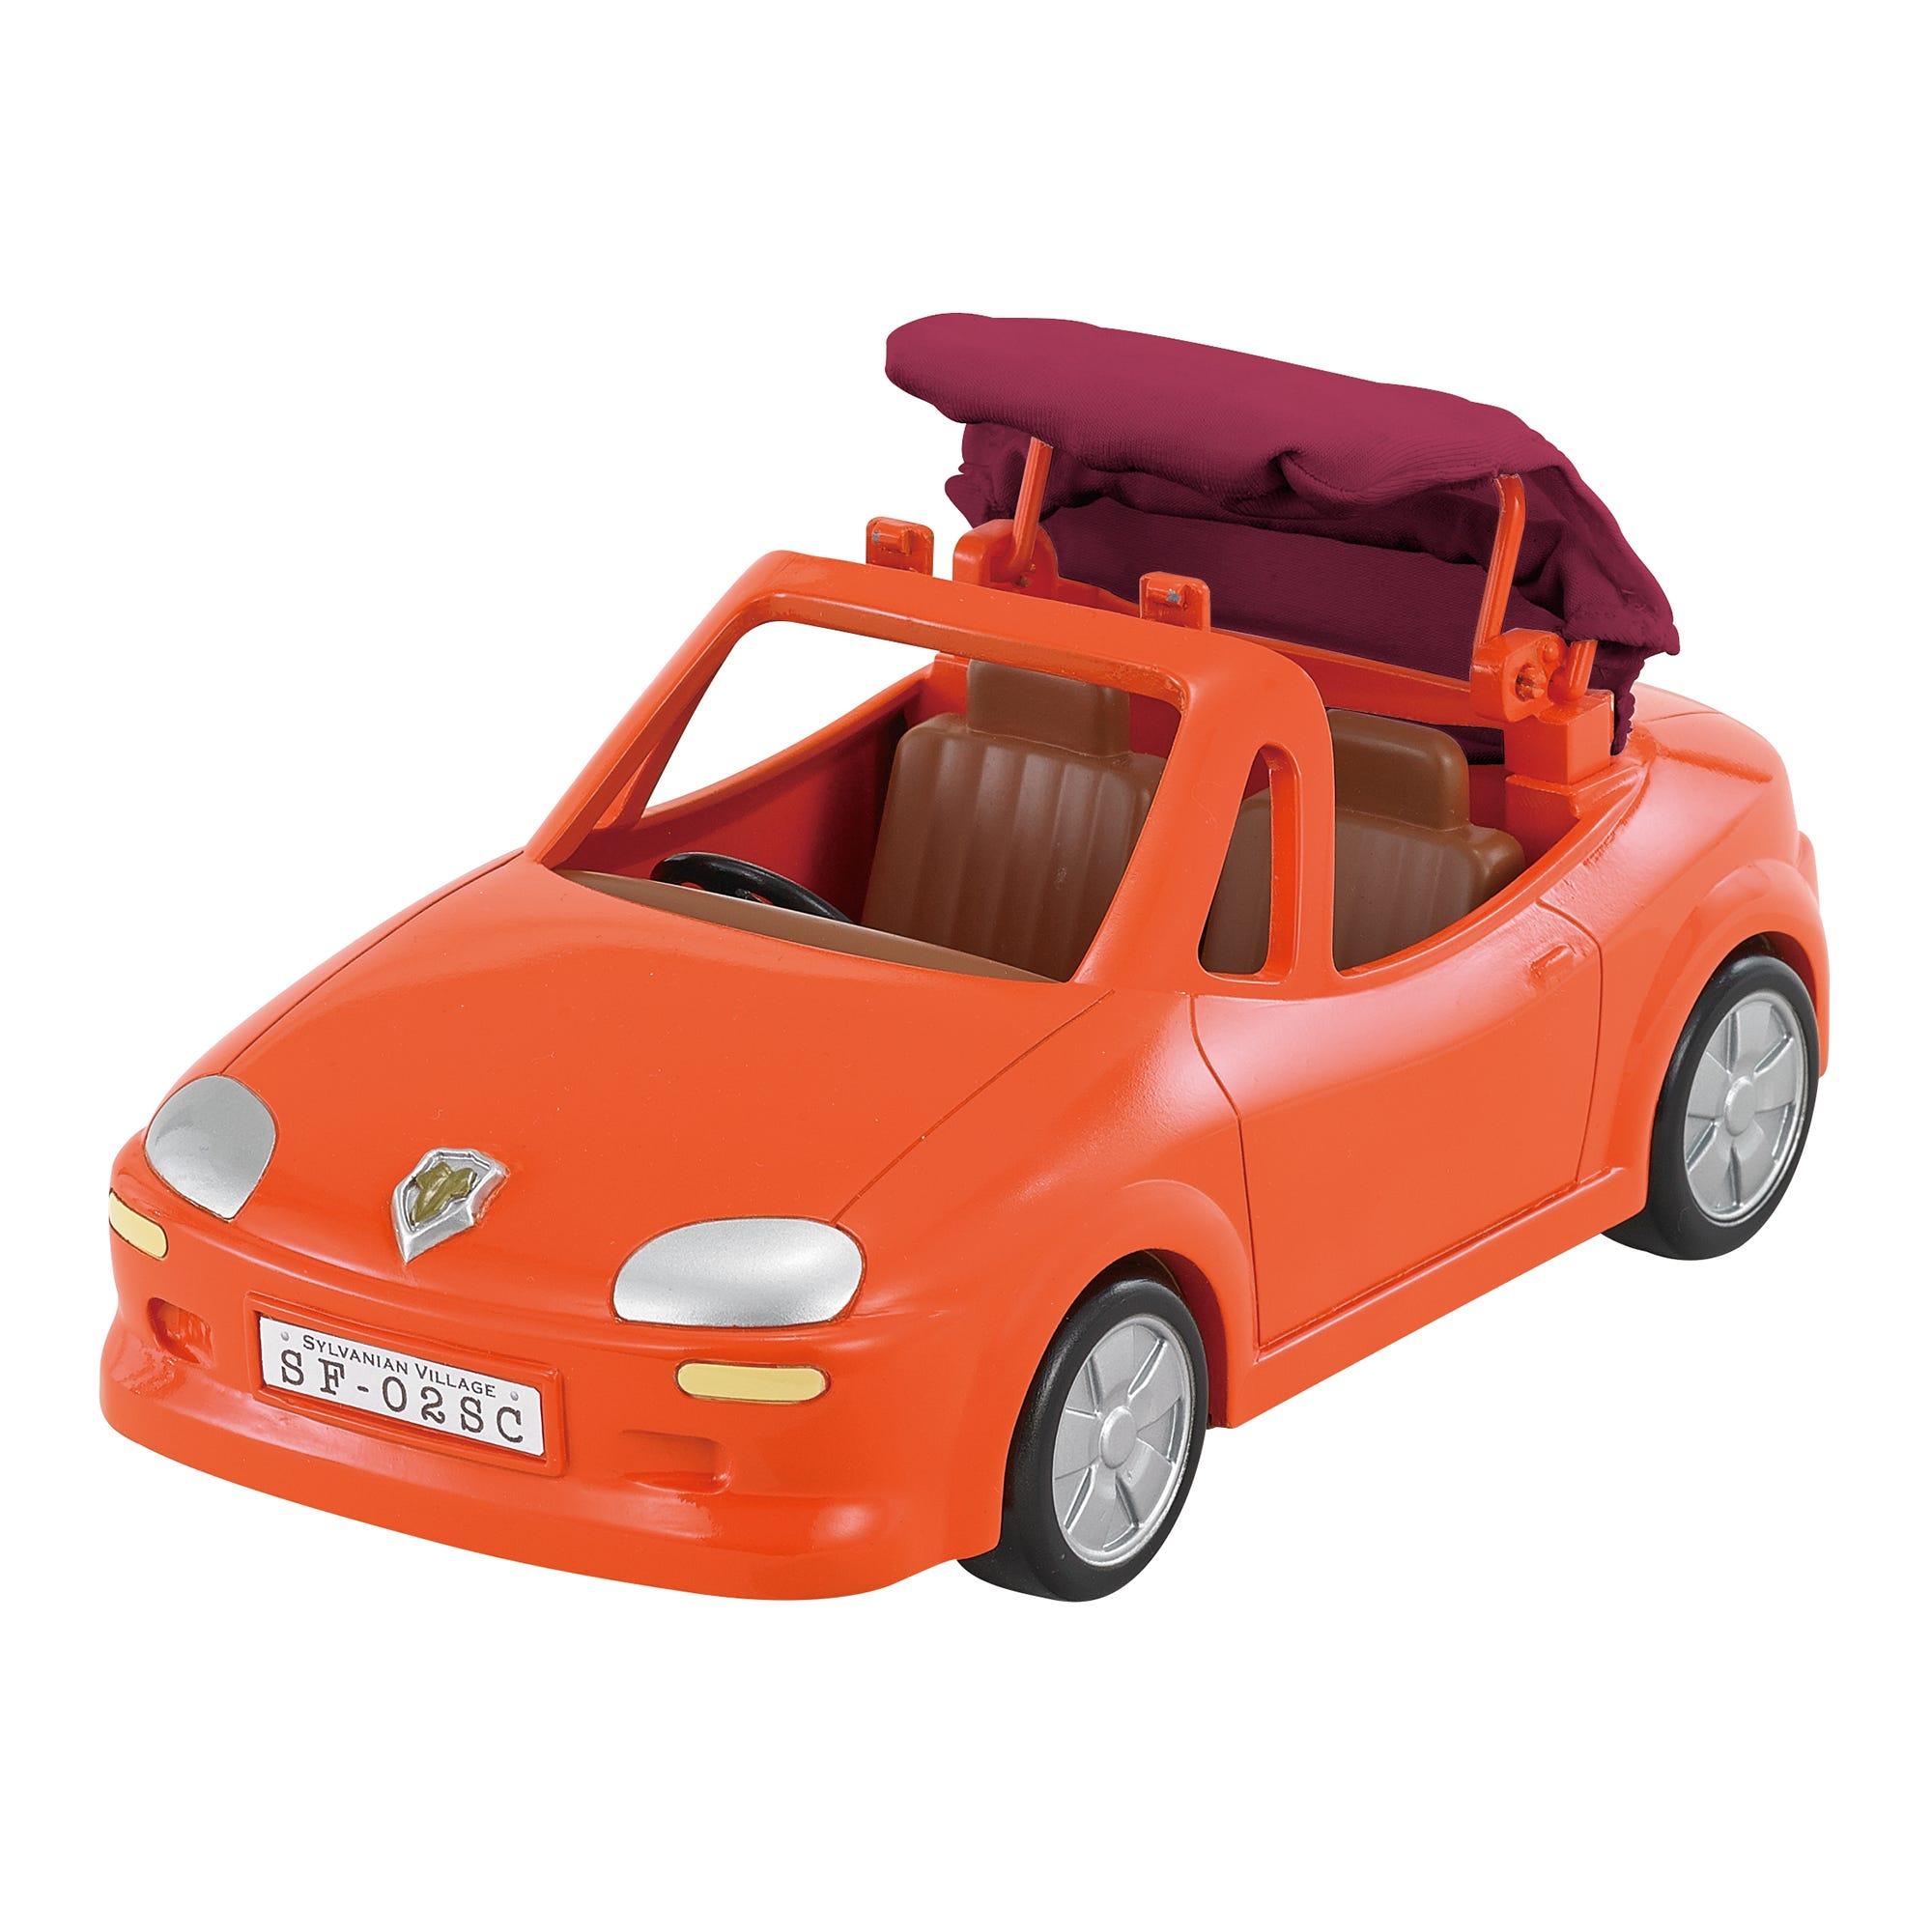 Sylvanian Families Families Convertible Car